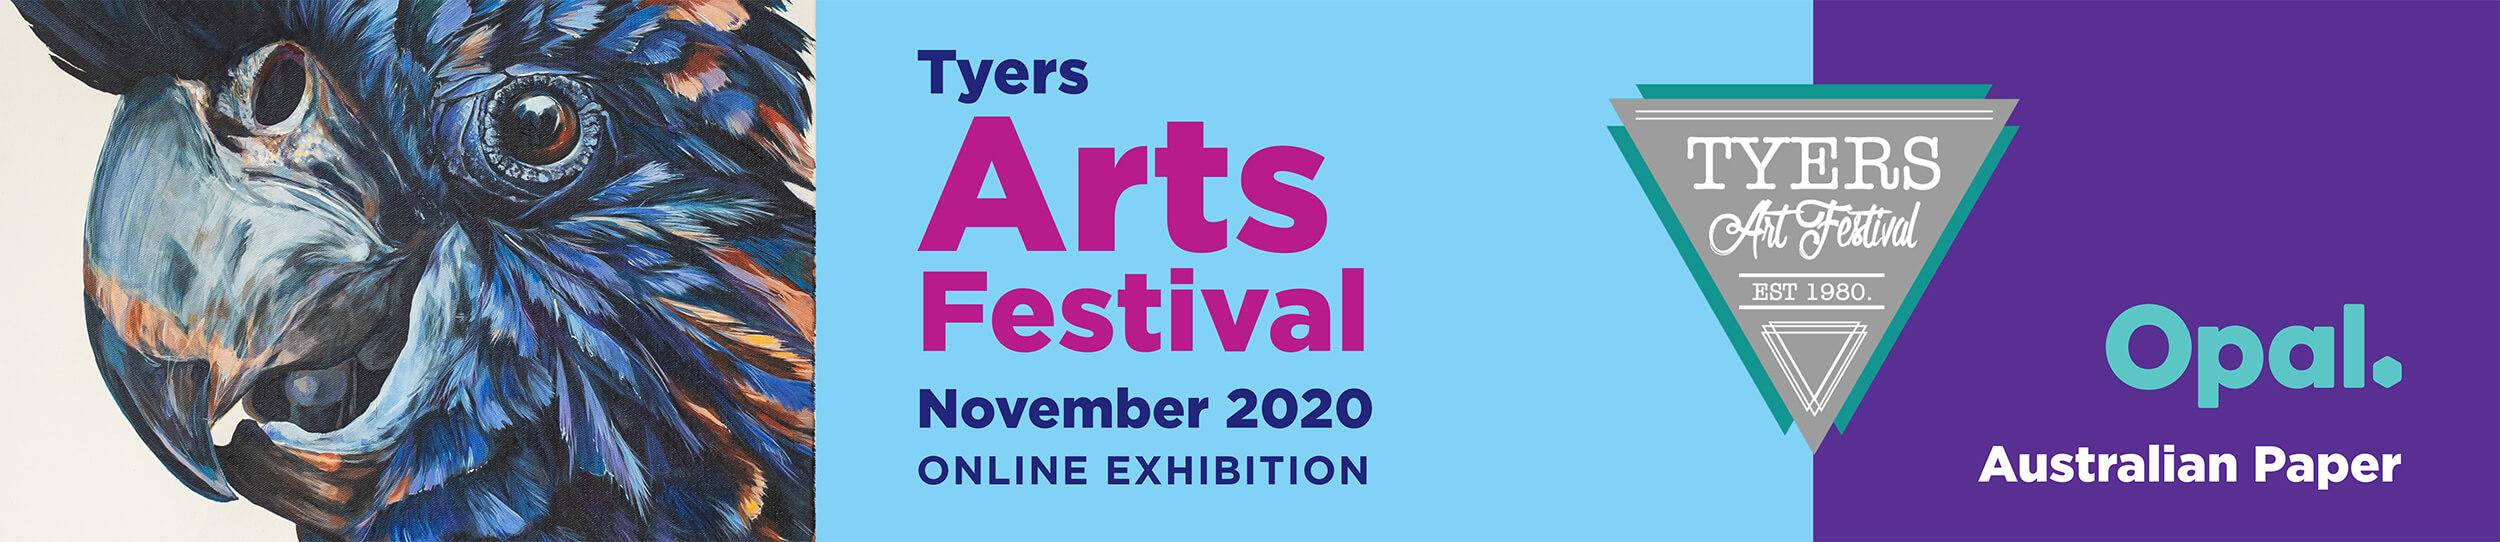 Tyers Art Festival banner